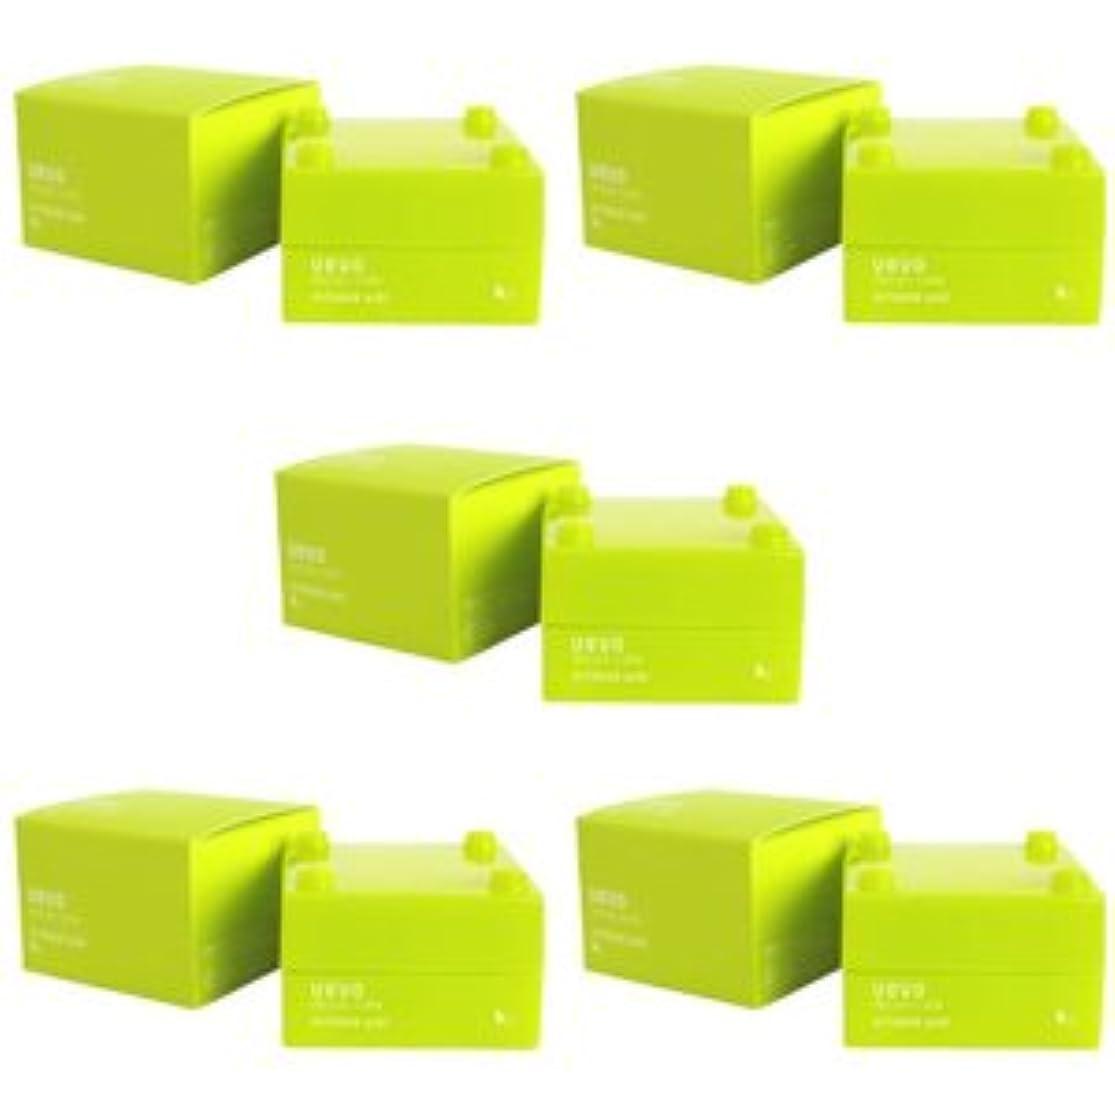 利益移民ホバー【X5個セット】 デミ ウェーボ デザインキューブ エアルーズワックス 30g airloose wax DEMI uevo design cube